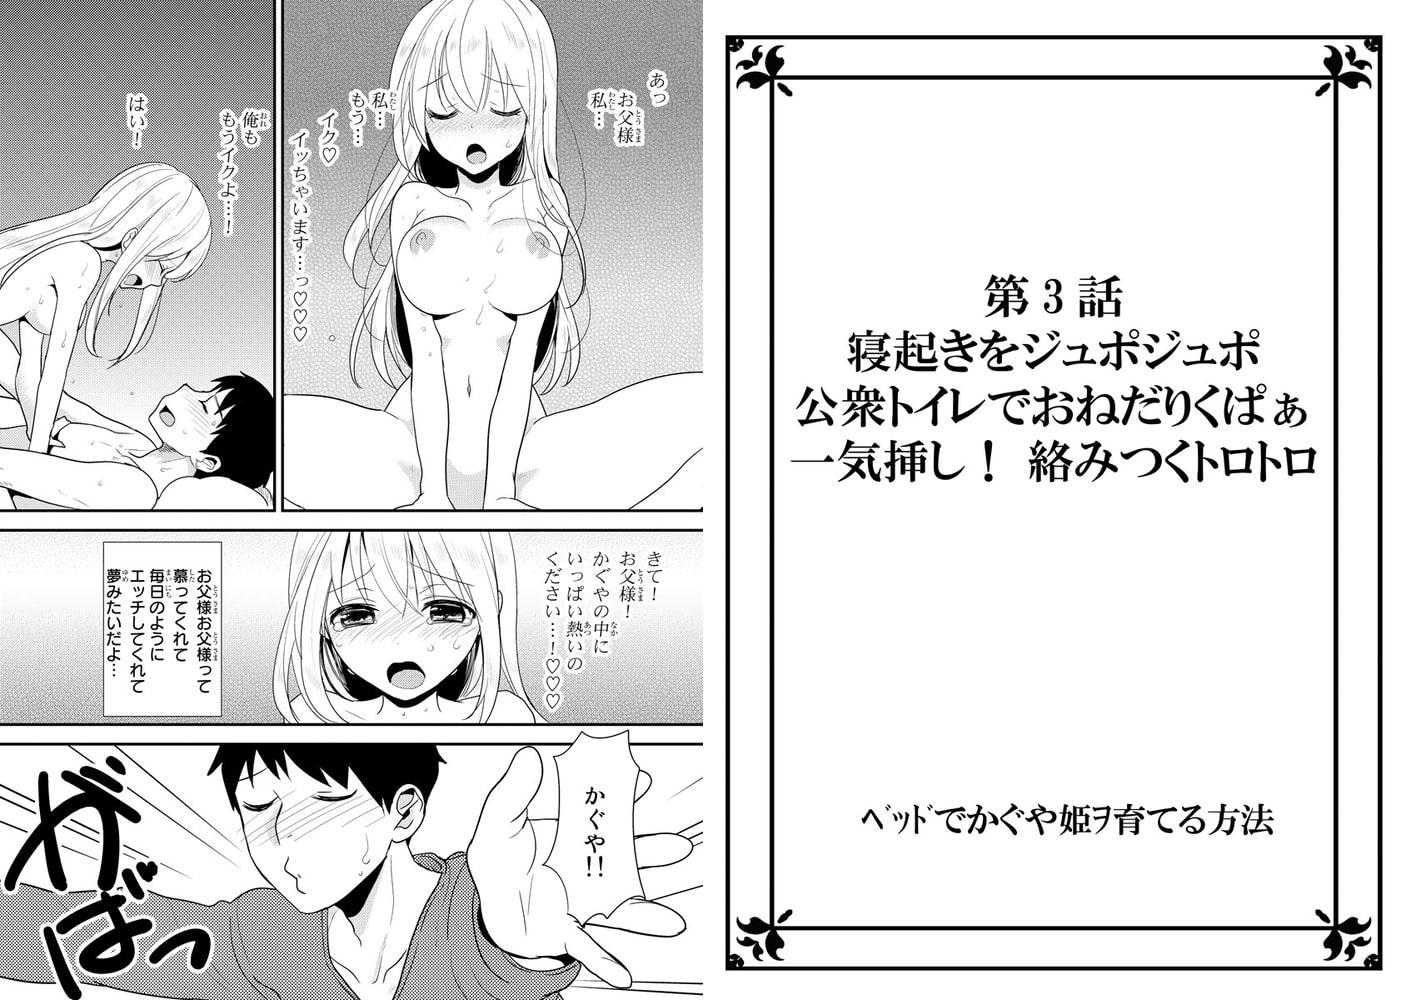 ベッドでかぐや姫ヲ育てる方法 2巻